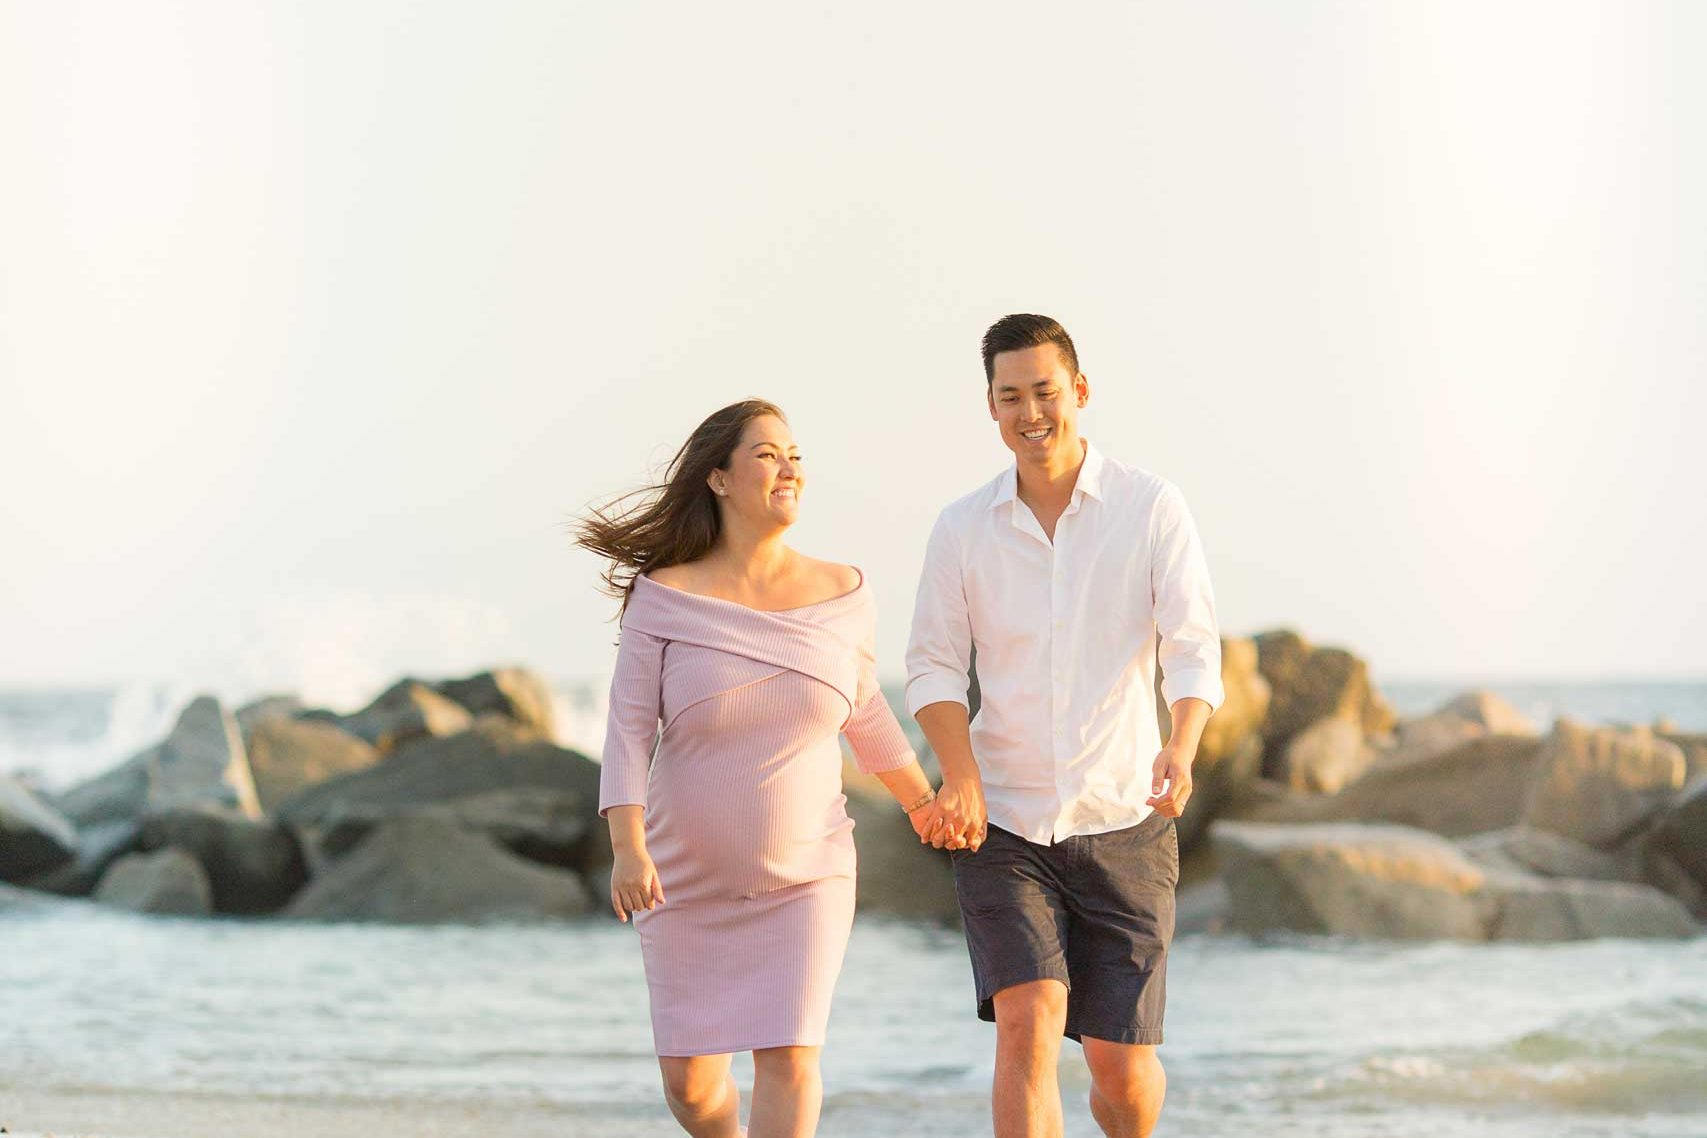 Maternity Pregnancy Photoshoot Los Angeles Ramina Magid